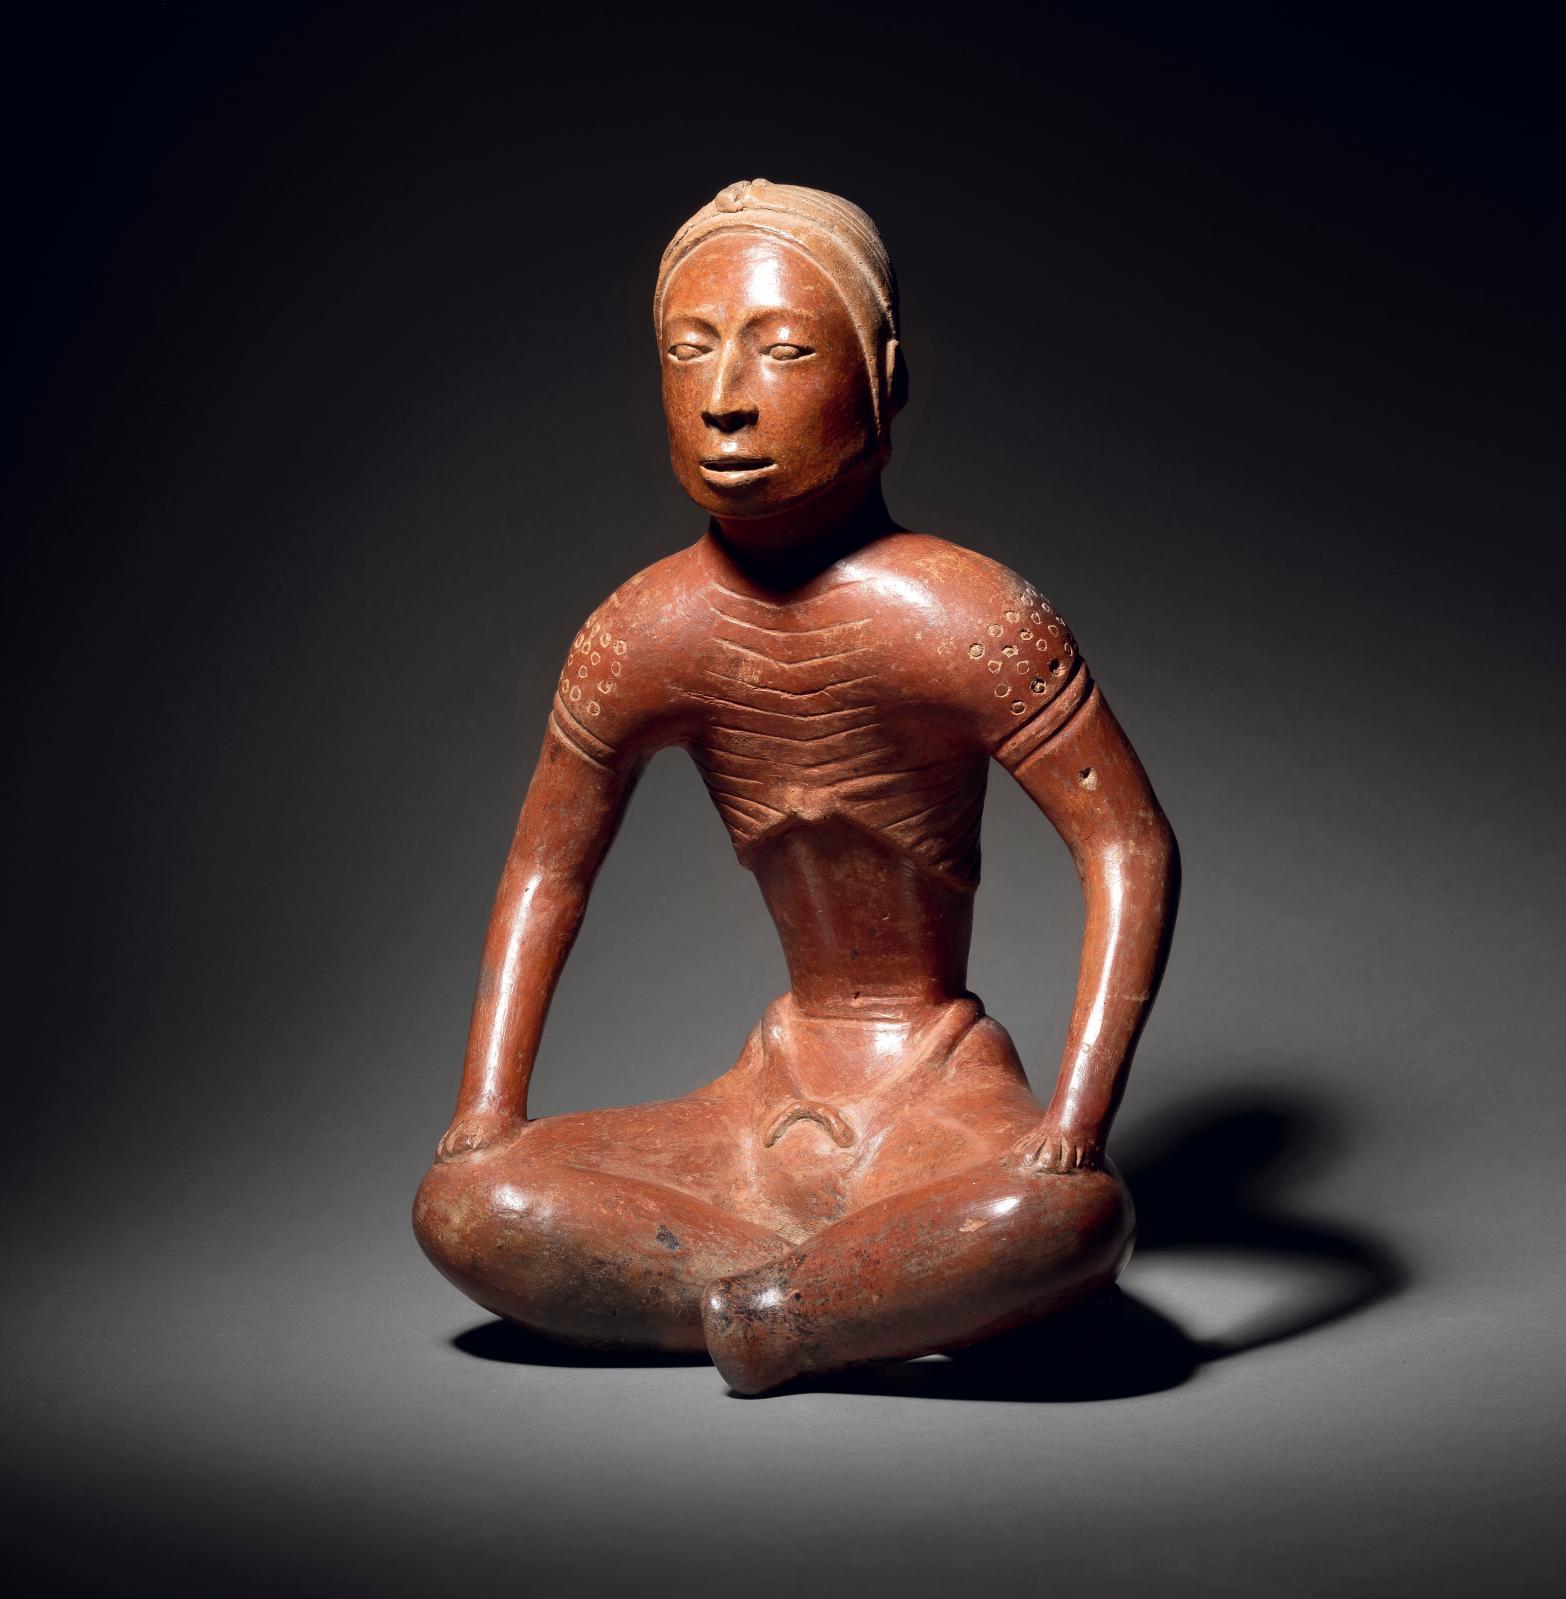 Colima culture, Western Mexico, proto-classic, 100 BC-250 AD, seated figure, ceramic with orange-brown slip, h. 33, l. 21 cm.Estimate: €30,000/35,000